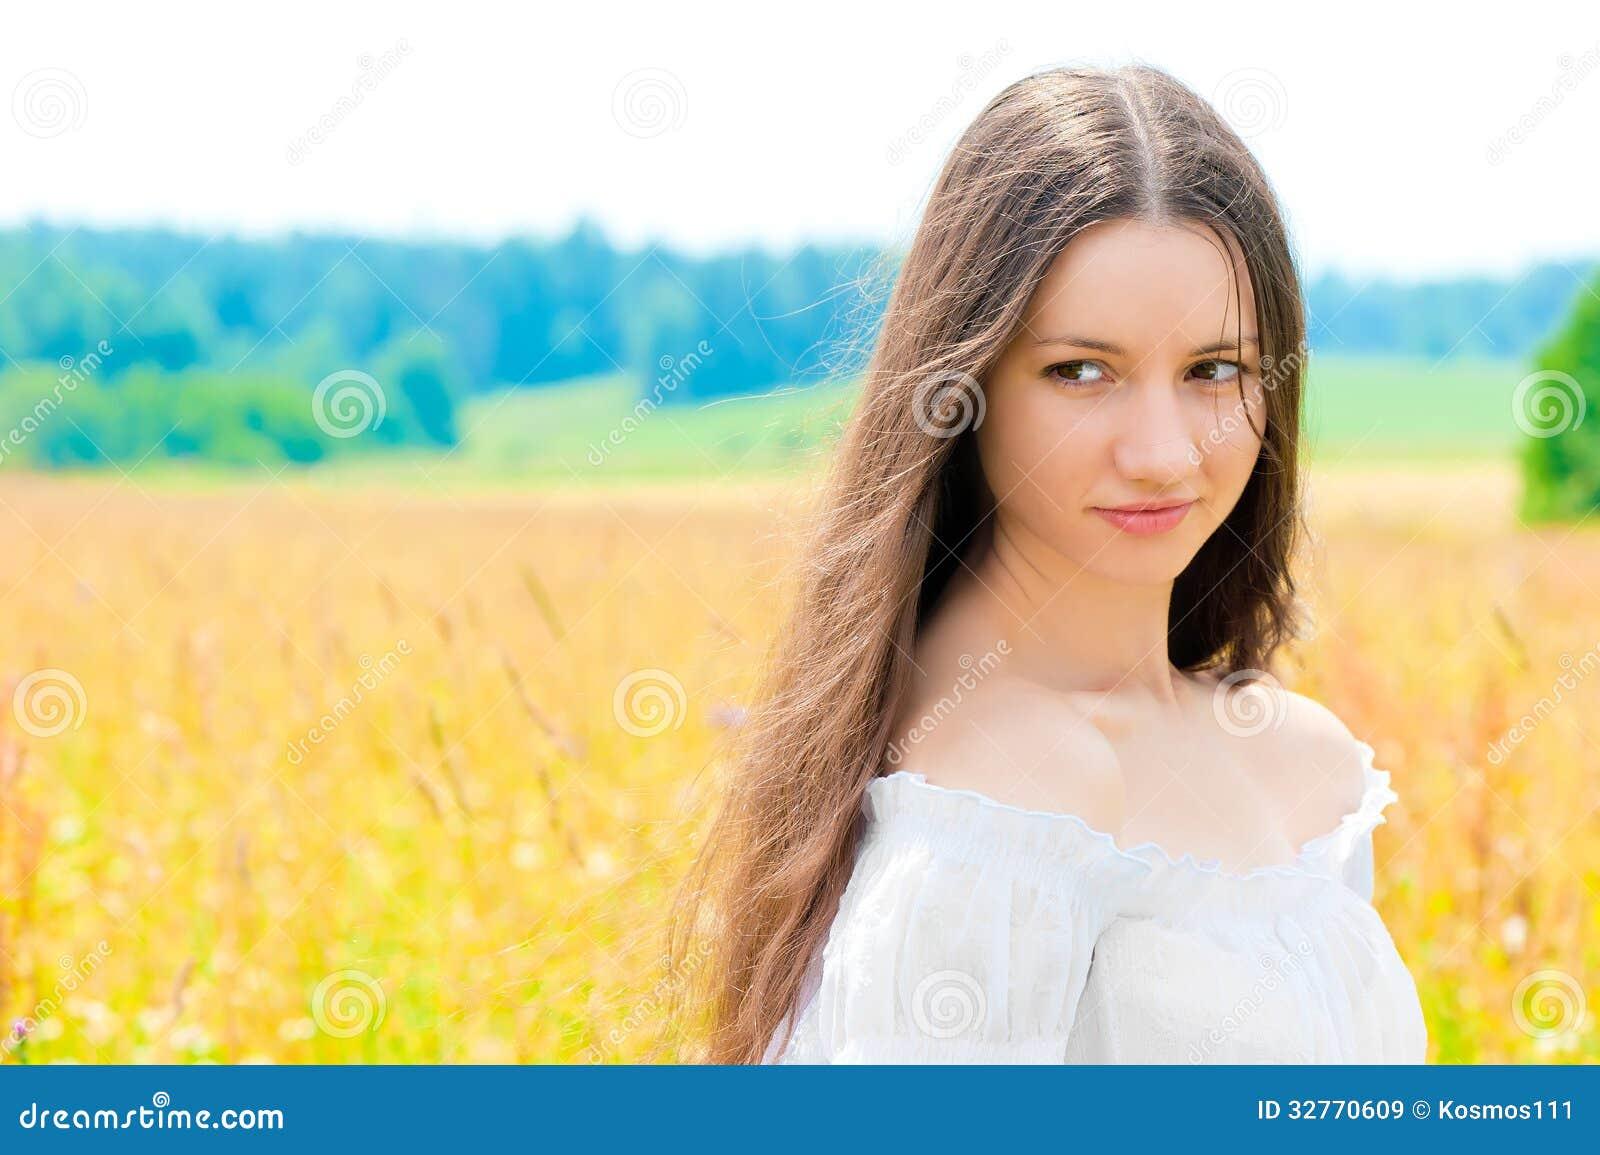 Смотреть русских красивых девушек картинки 22 фотография